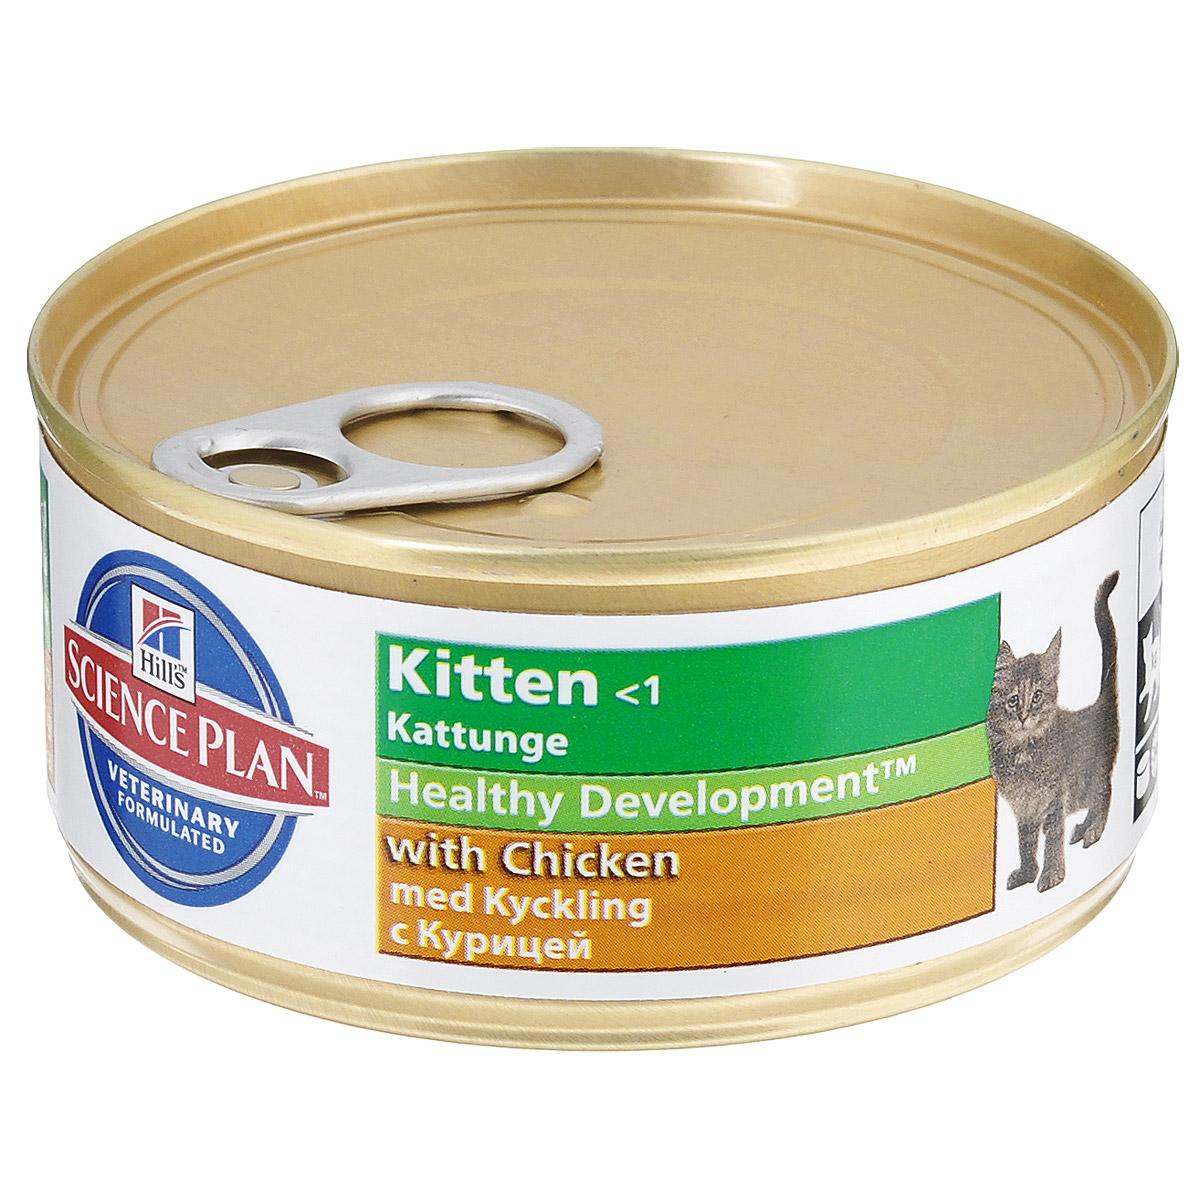 Консервы для котят Hills Healthy Development, с курицей, 156 г6600Консервы для котят Hills Healthy Development - полноценный корм для растущих котят с момента отъема до 1 года (с курицей). Состав: печень, мясо цыпленка (мин. 24%), соевая мука, сухое цельное яйцо, мука из кукурузного глютена, рыбная мука, дикальция фосфат, йодированная соль, карбонат кальция, таурин, сульфат кальция, холина хлорид, калия хлорид, оксид железа, магния оксид, цинка оксид, сульфат железа, сульфат меди, марганца оксид, кальция йодат, селенит натрия, Д-активированный животный стерол (источник витамина Д3), витамин Е, тиамин, ниацин, кальция пантотенат, пиридоксина гидрохлорид, рибофлавин, фолиевая кислота, биотин, витамин В12. Пищевая ценность: белки - 15,6%, жиры - 10,8%, клетчатка 0,2%, зола - 2,8%, влага - 68,2%, кальций - 0,44%, фосфор - 0.37%, натрий - 0,19%, магний - 0,03%, медь 5,6%, витамин D3 - 430 МЕ/кг, витамин Е - 120 мг/кг, таурин - 1200 мг/кг. Товар сертифицирован.